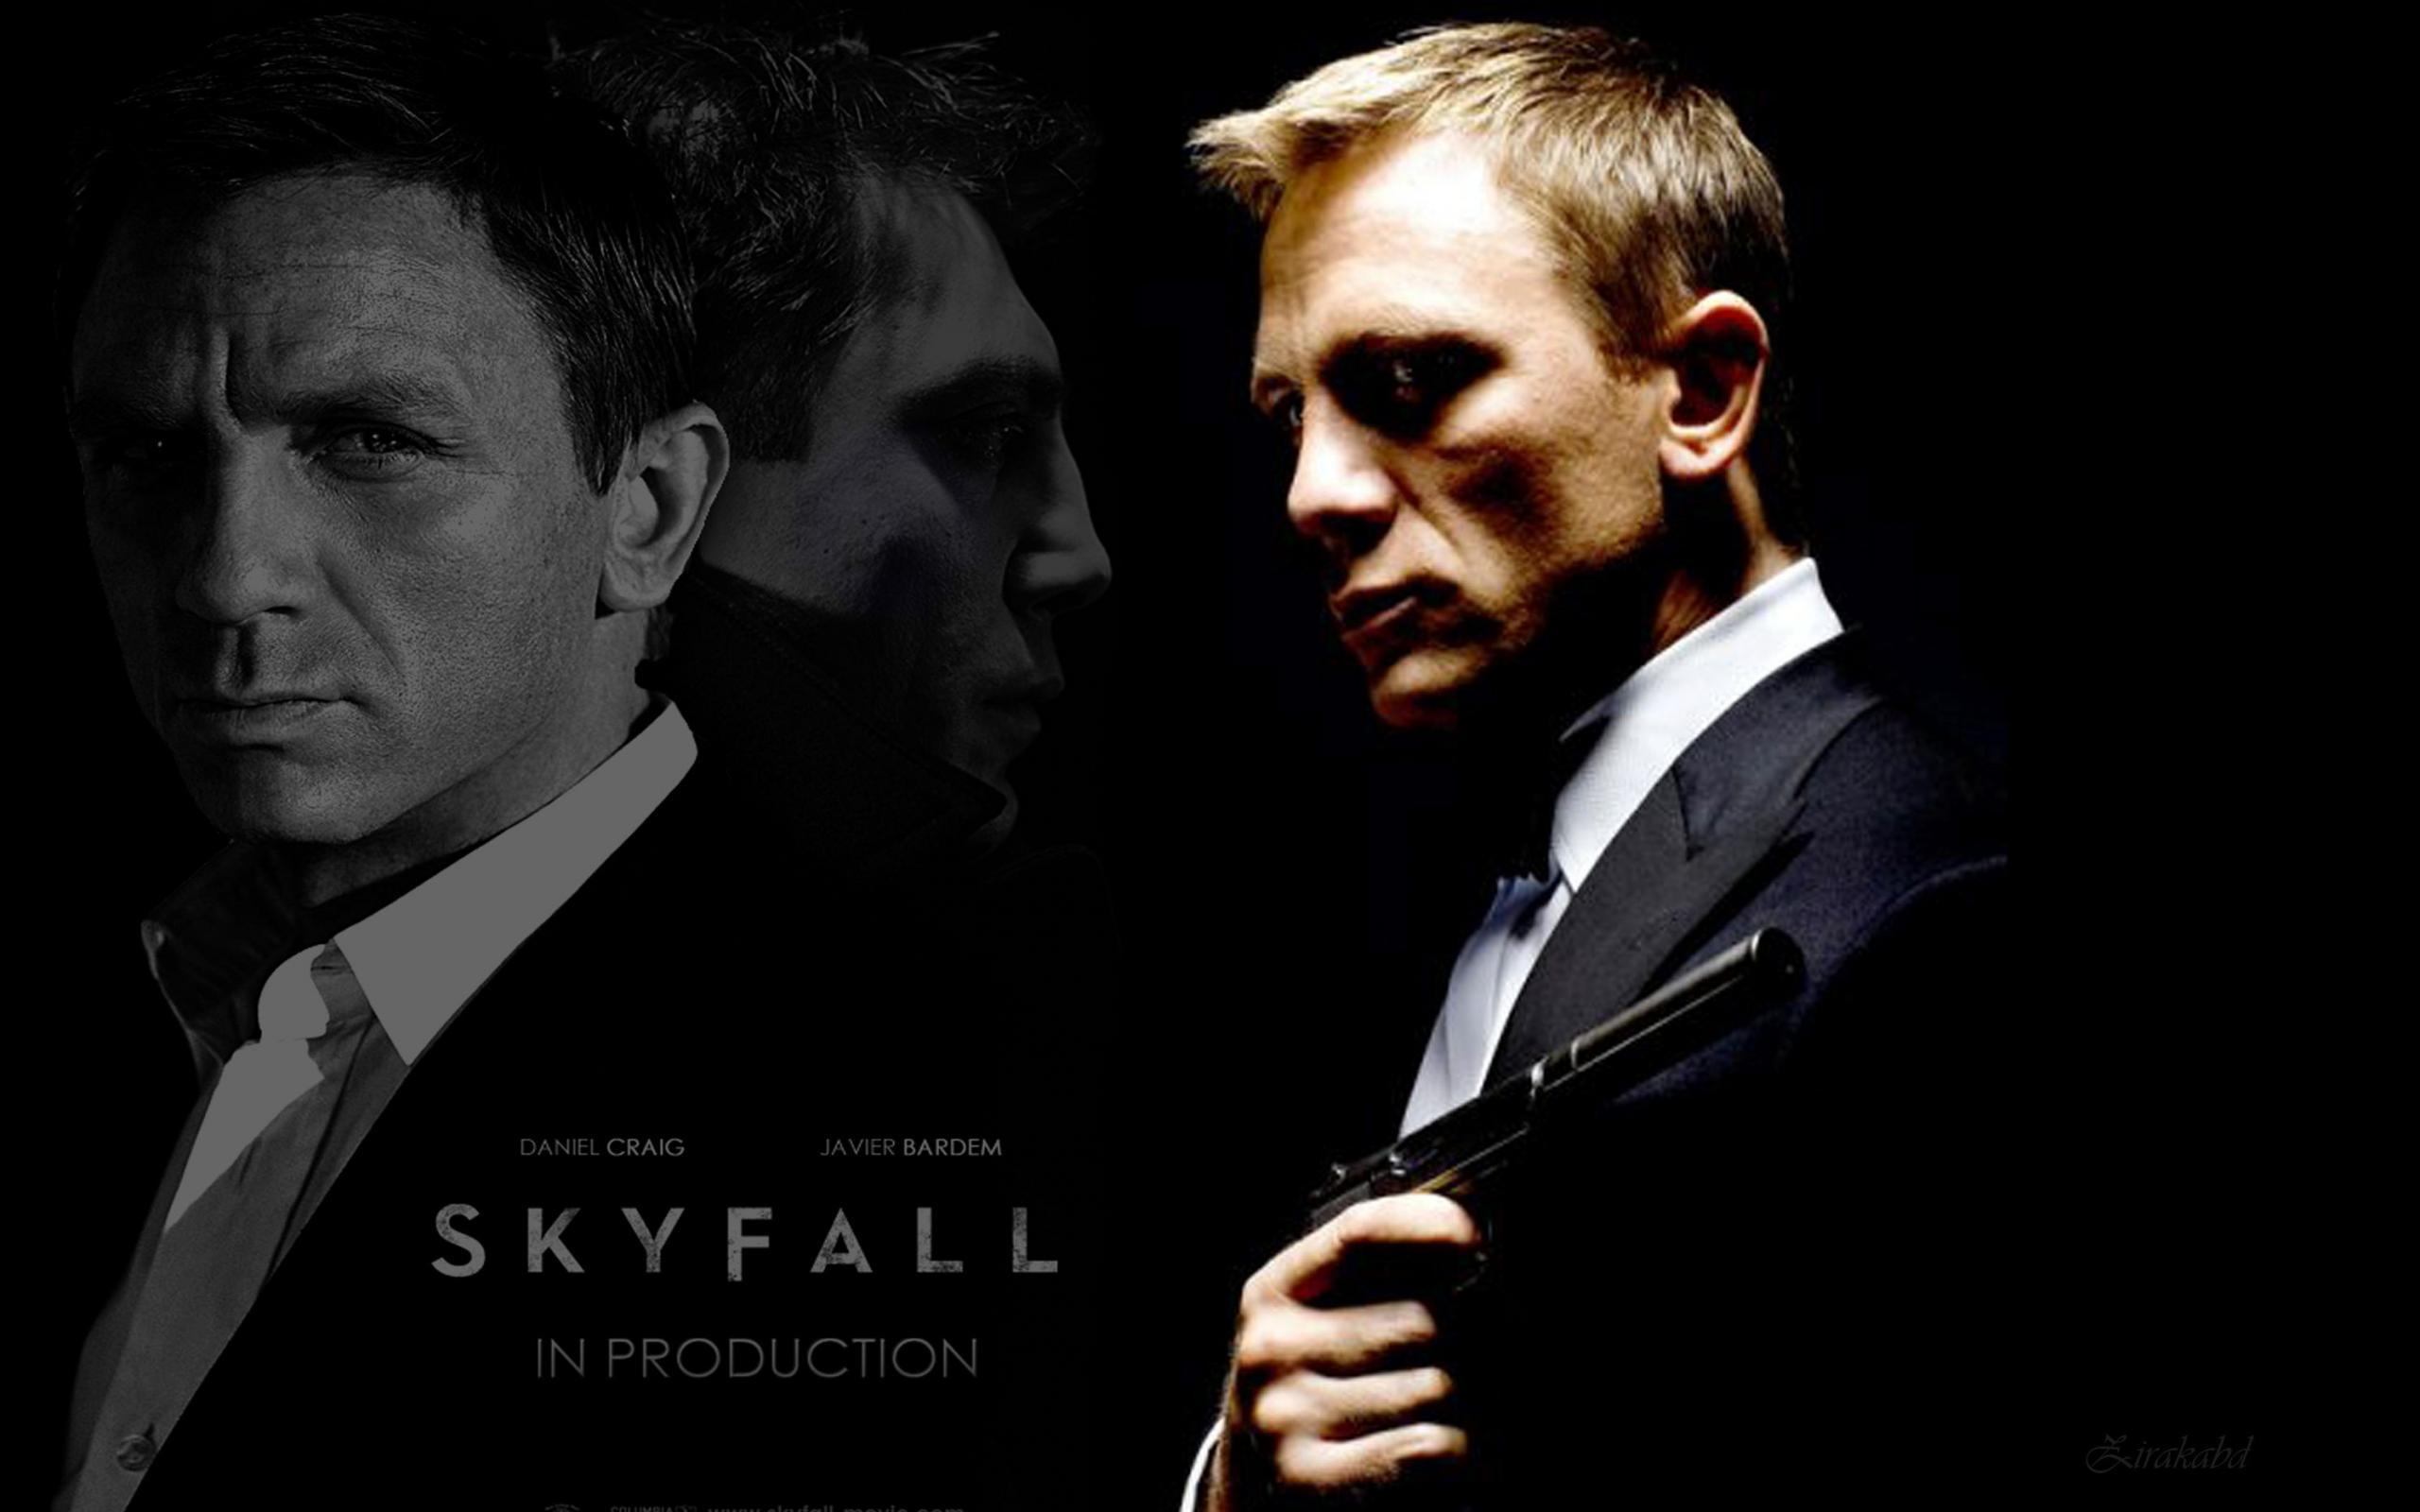 Skyfall-Daniel-Craig-James-Bond-Gun-Wallpaper-Images.jpg (2560×1600) | Masculine | Pinterest